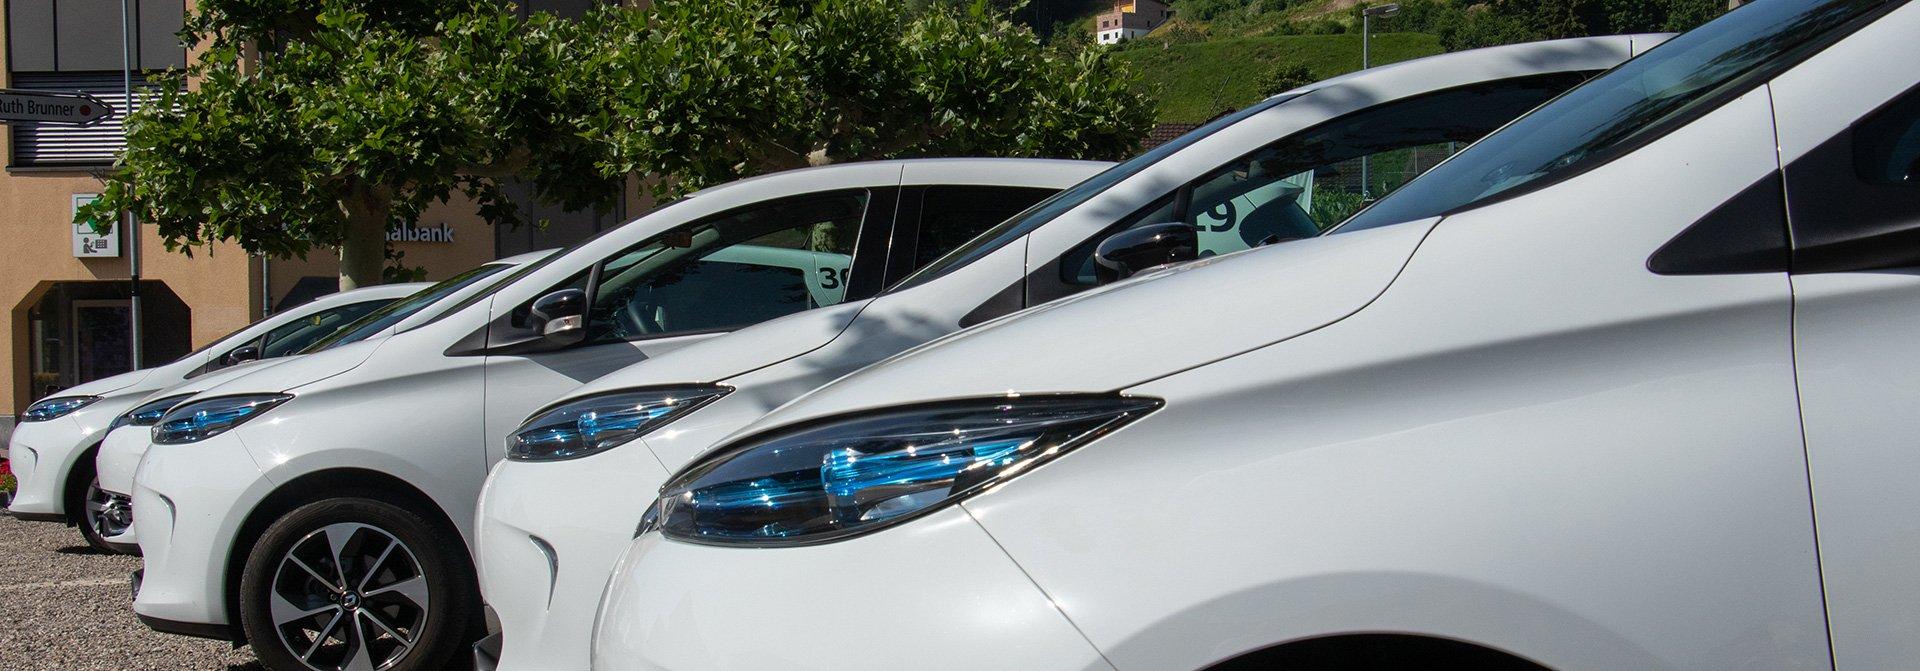 Fünf weisse Autos in Reihe